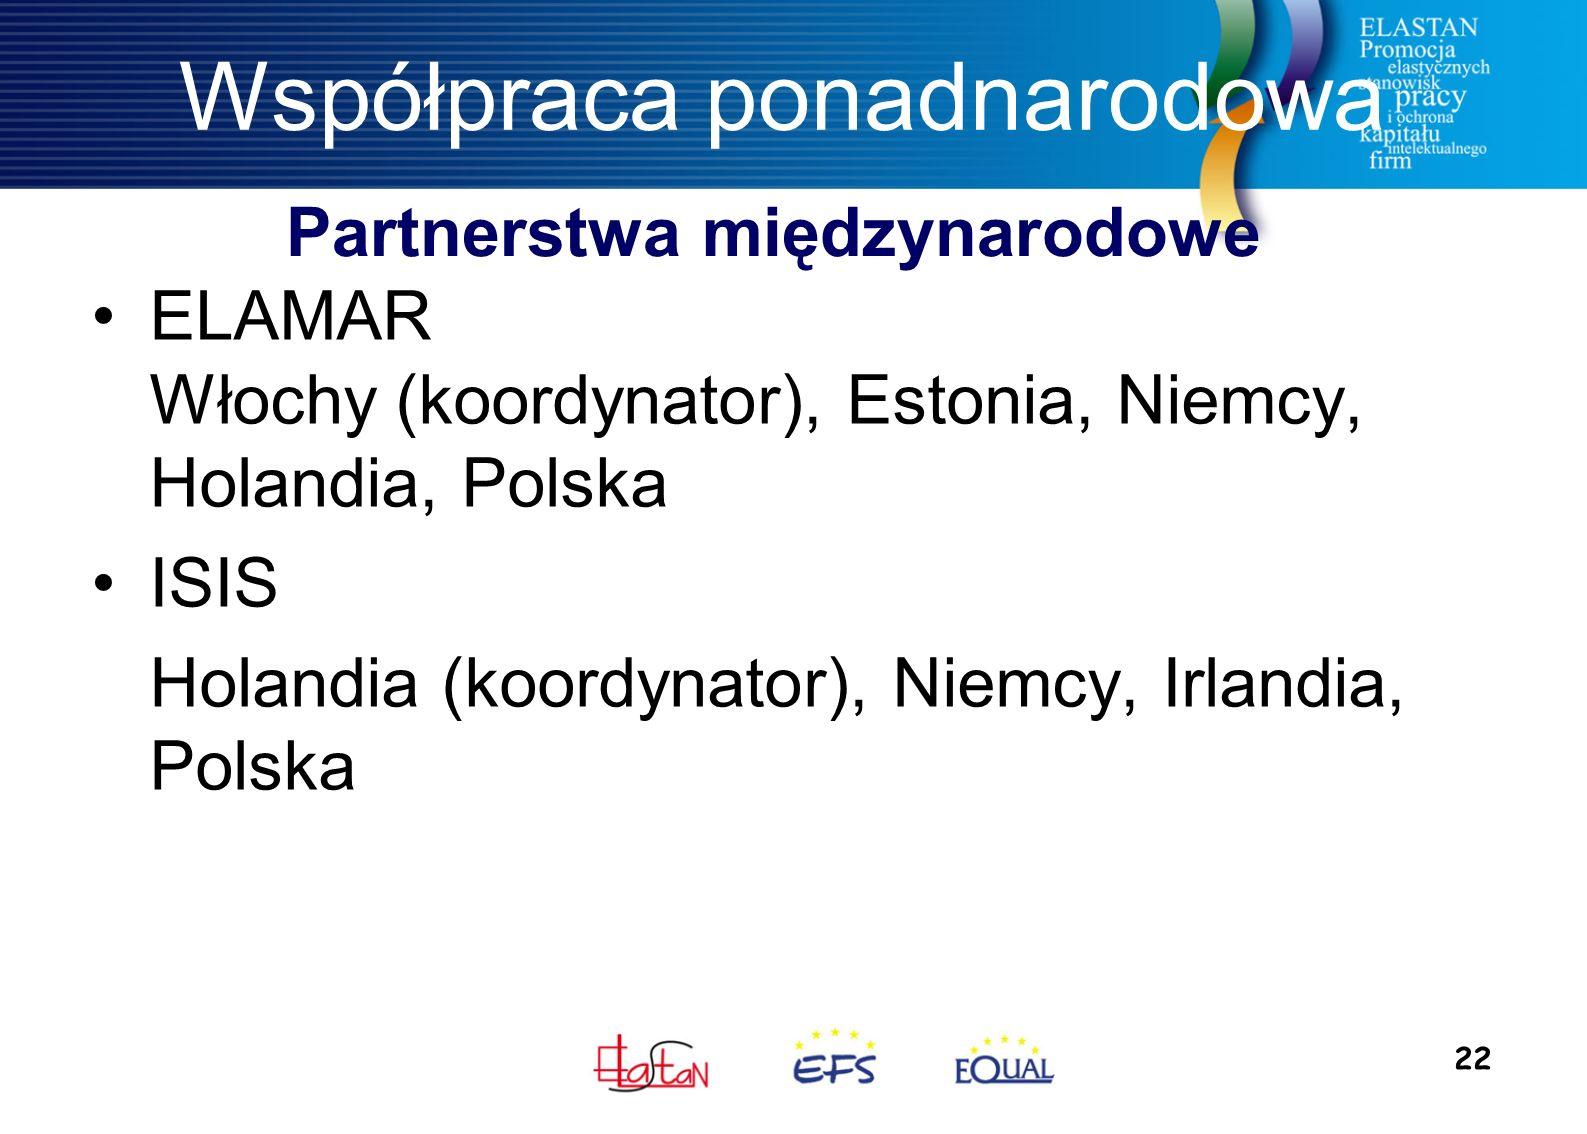 22 Współpraca ponadnarodowa ELAMAR Włochy (koordynator), Estonia, Niemcy, Holandia, Polska ISIS Holandia (koordynator), Niemcy, Irlandia, Polska Partnerstwa międzynarodowe